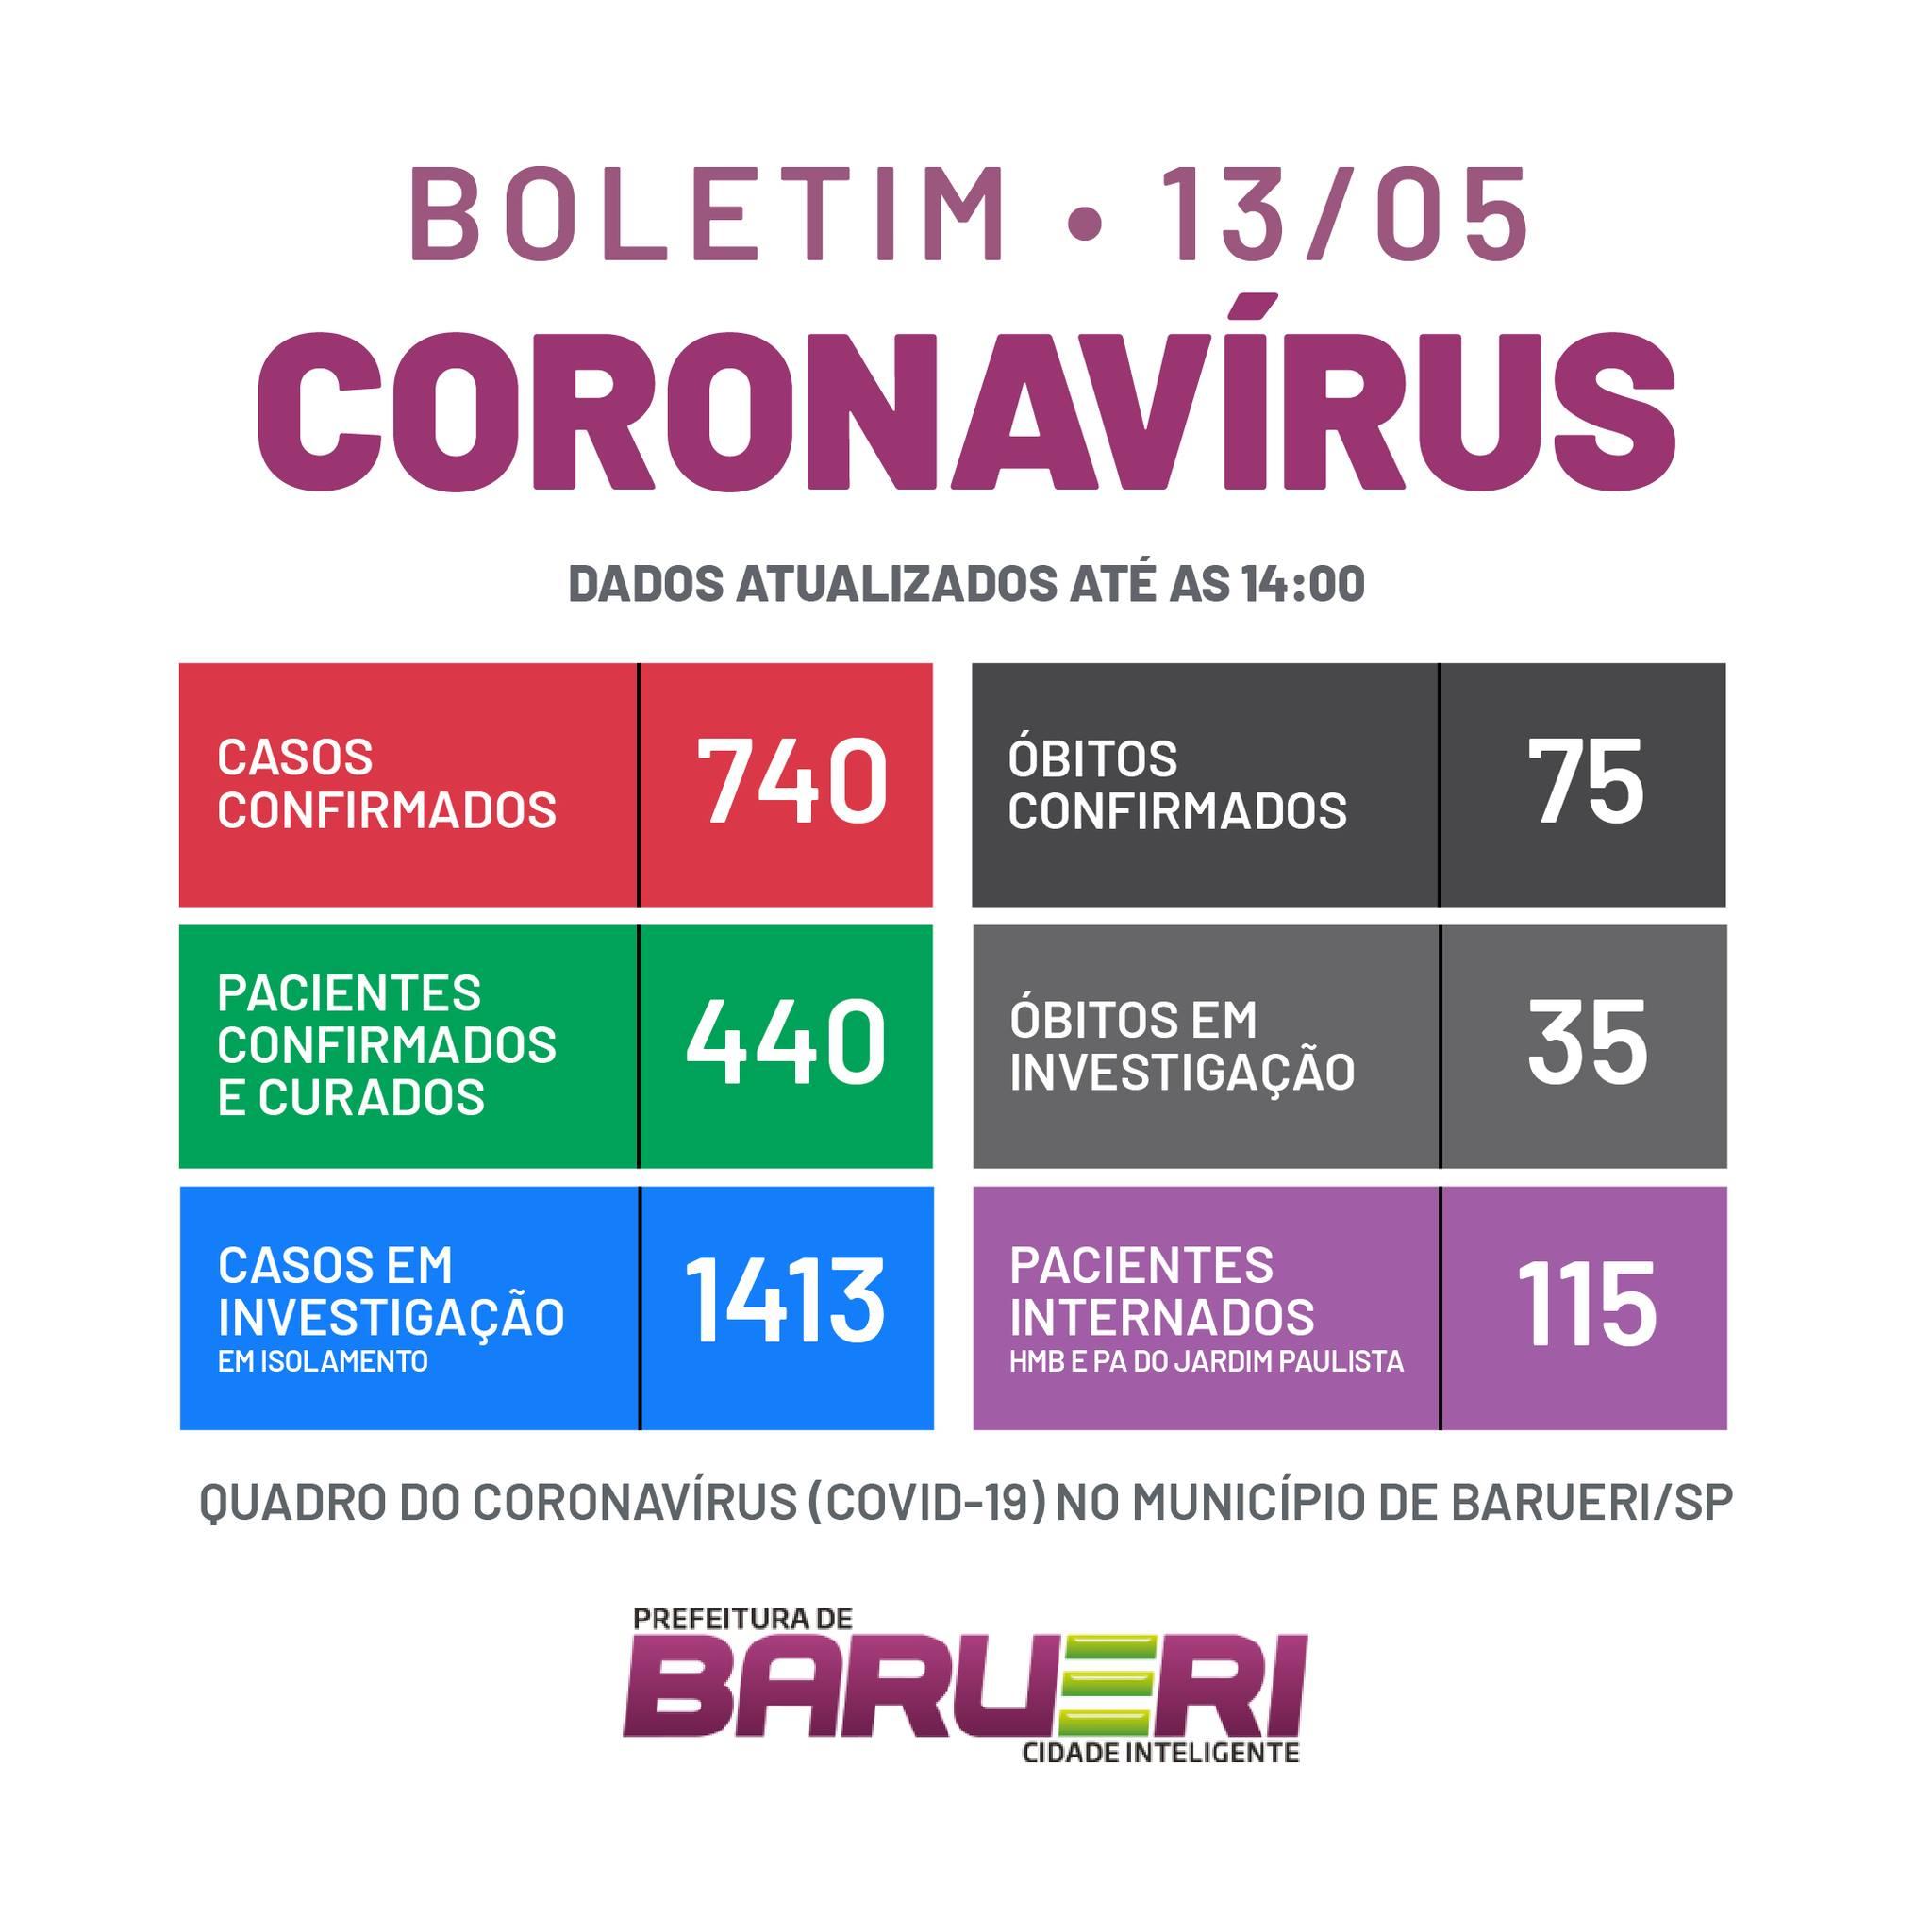 boletim coronavírus Barueri 13 05